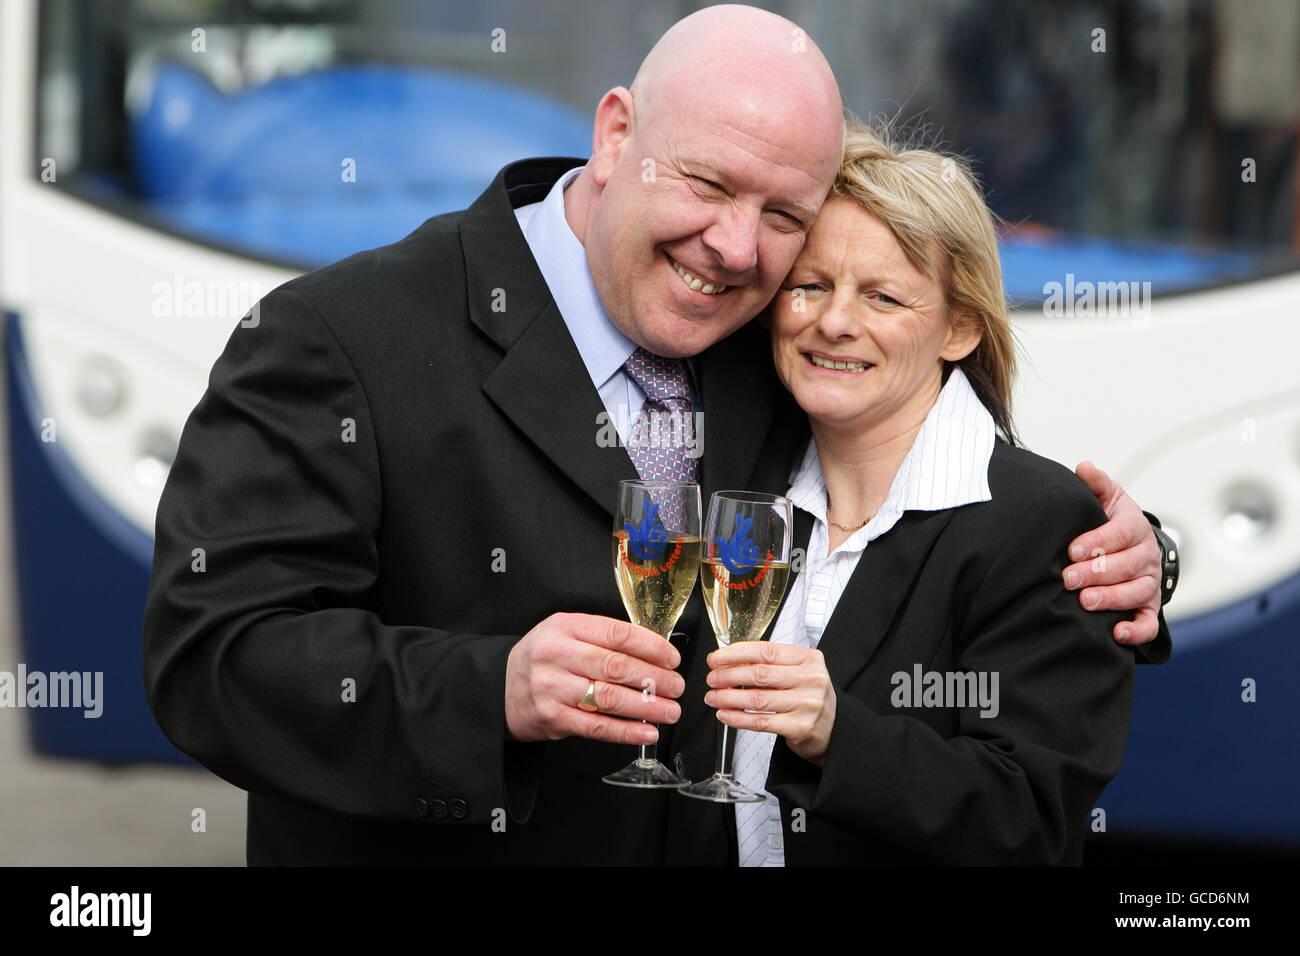 Le chauffeur d'autobus Kevin Halstead et son associé Josephine Jones au Shaw Hill Golf and Country Club à Chorley, dans le Lancashire, après que Kevin a remporté 2,302,668 sur la Loterie nationale samedi dernier. Banque D'Images